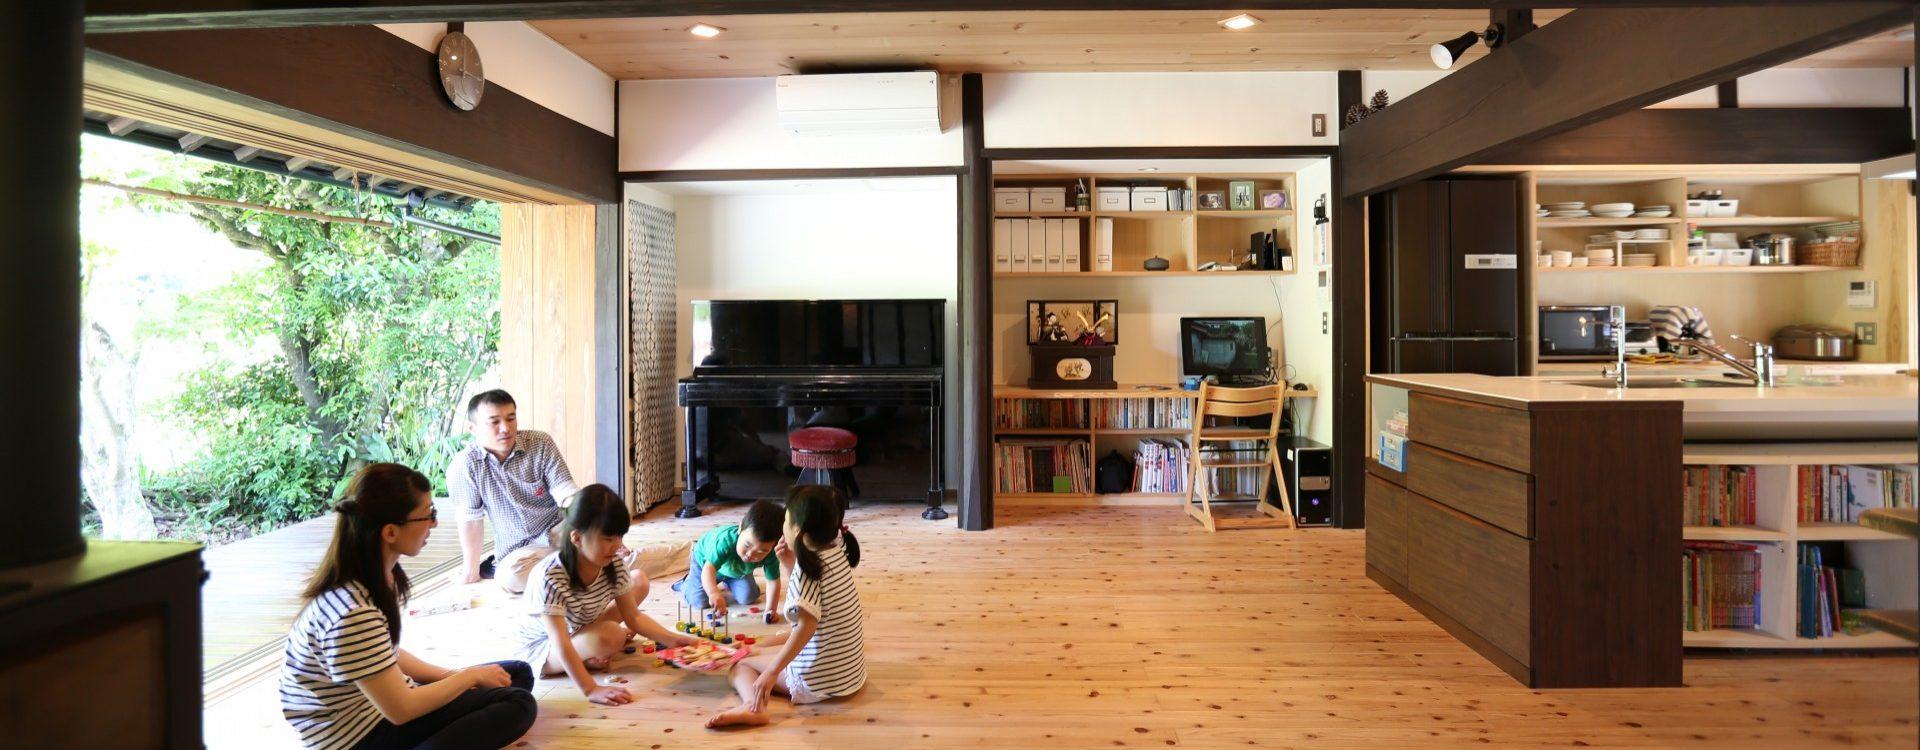 豊かな木の香りのなかで健康に暮らす。ワンランク上の木造住宅|木の家 グリーンハウス